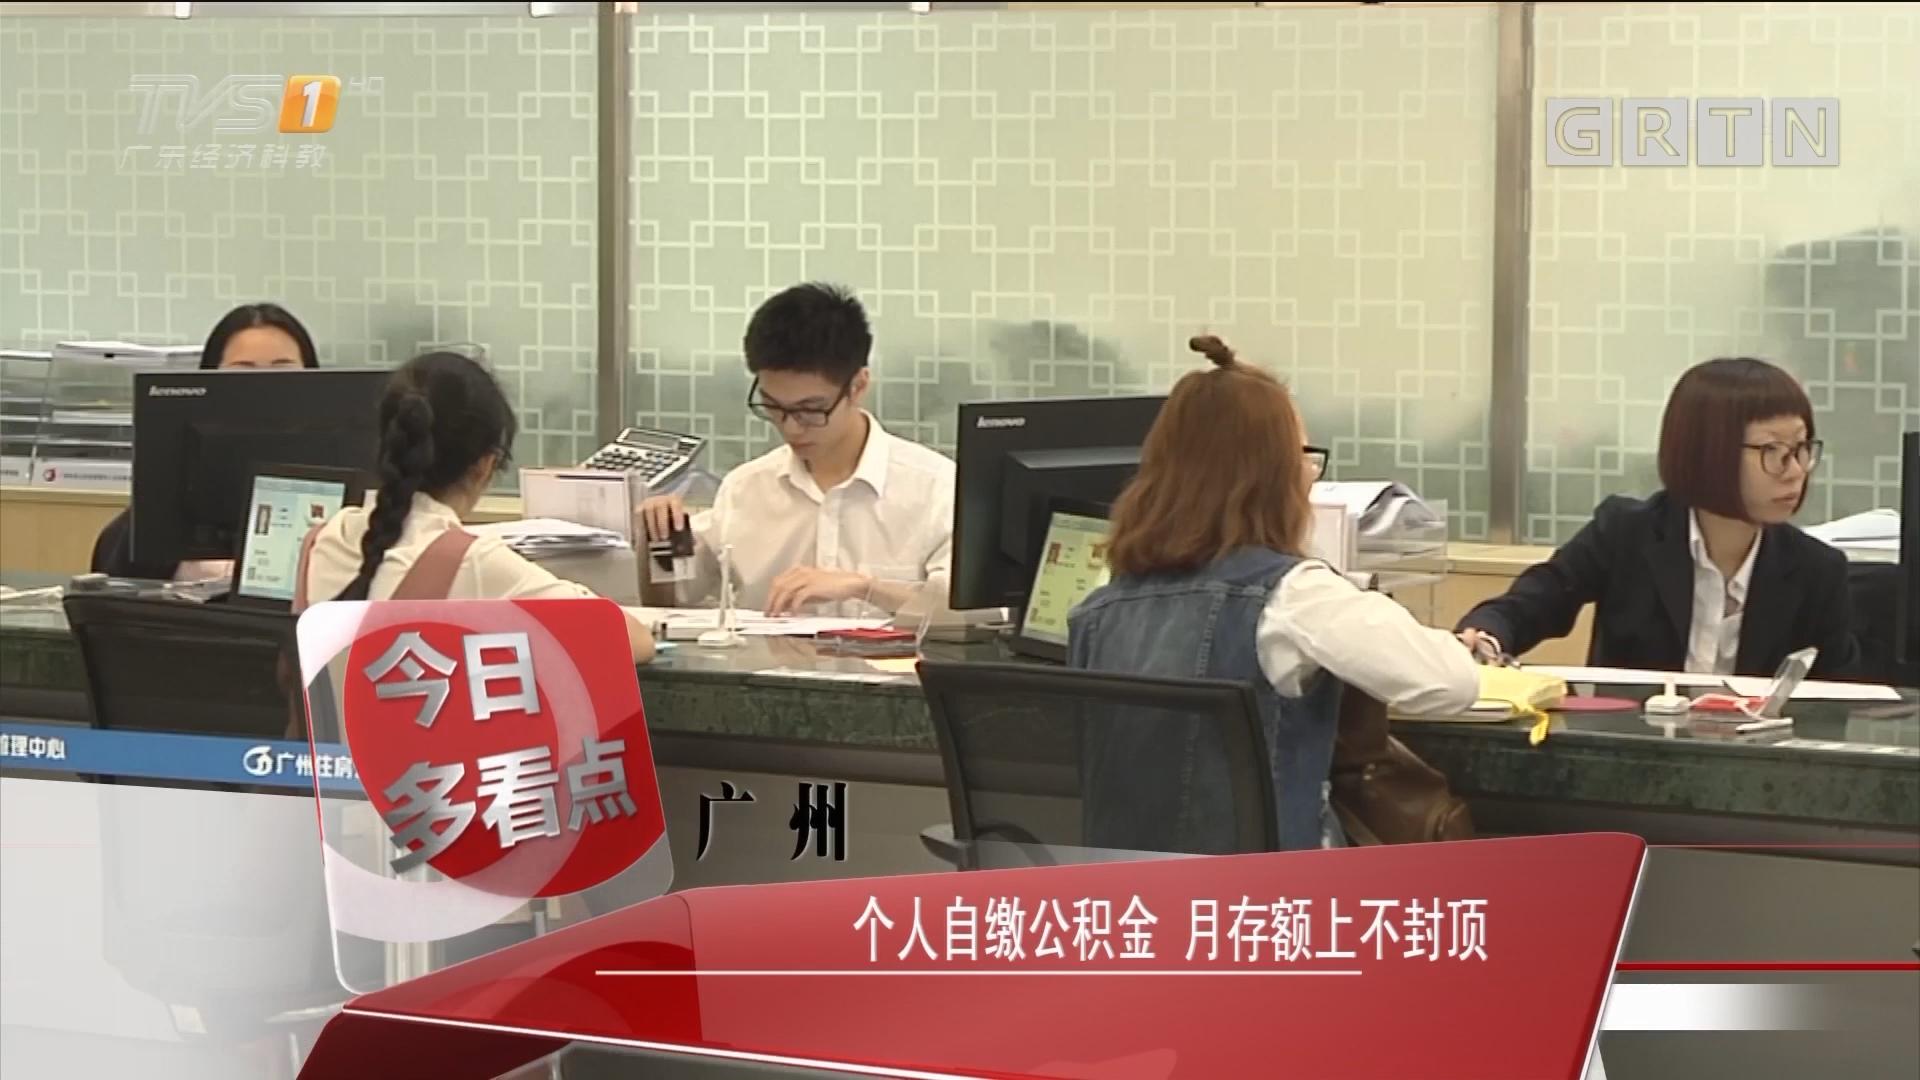 广州:个人自缴公积金 月存额上不封顶